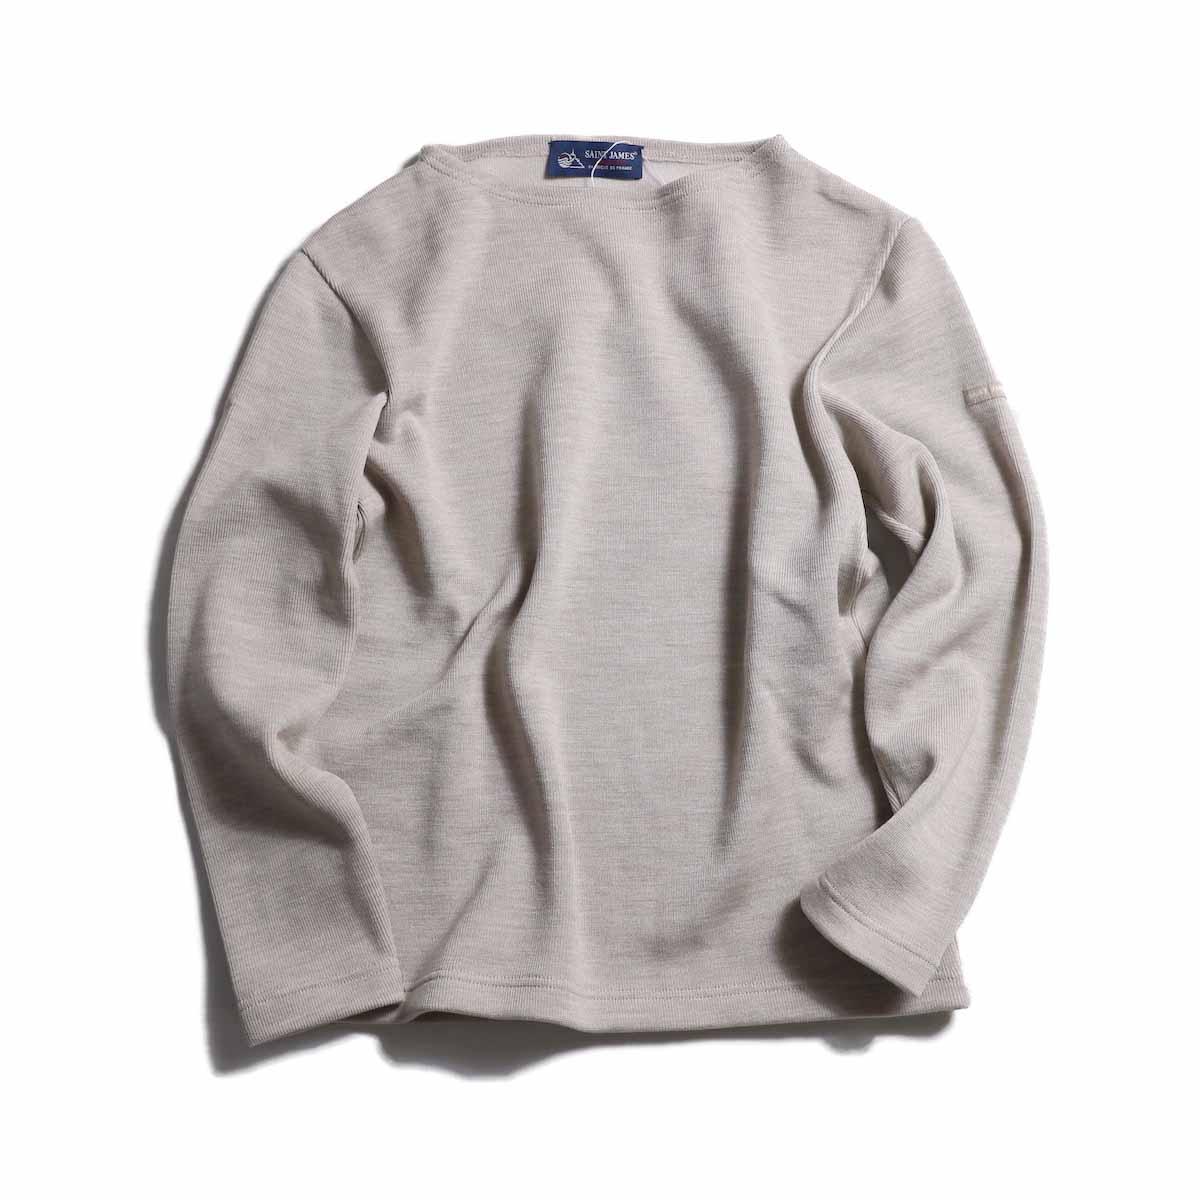 SAINT JAMES / Double Face Sweater -Sahara